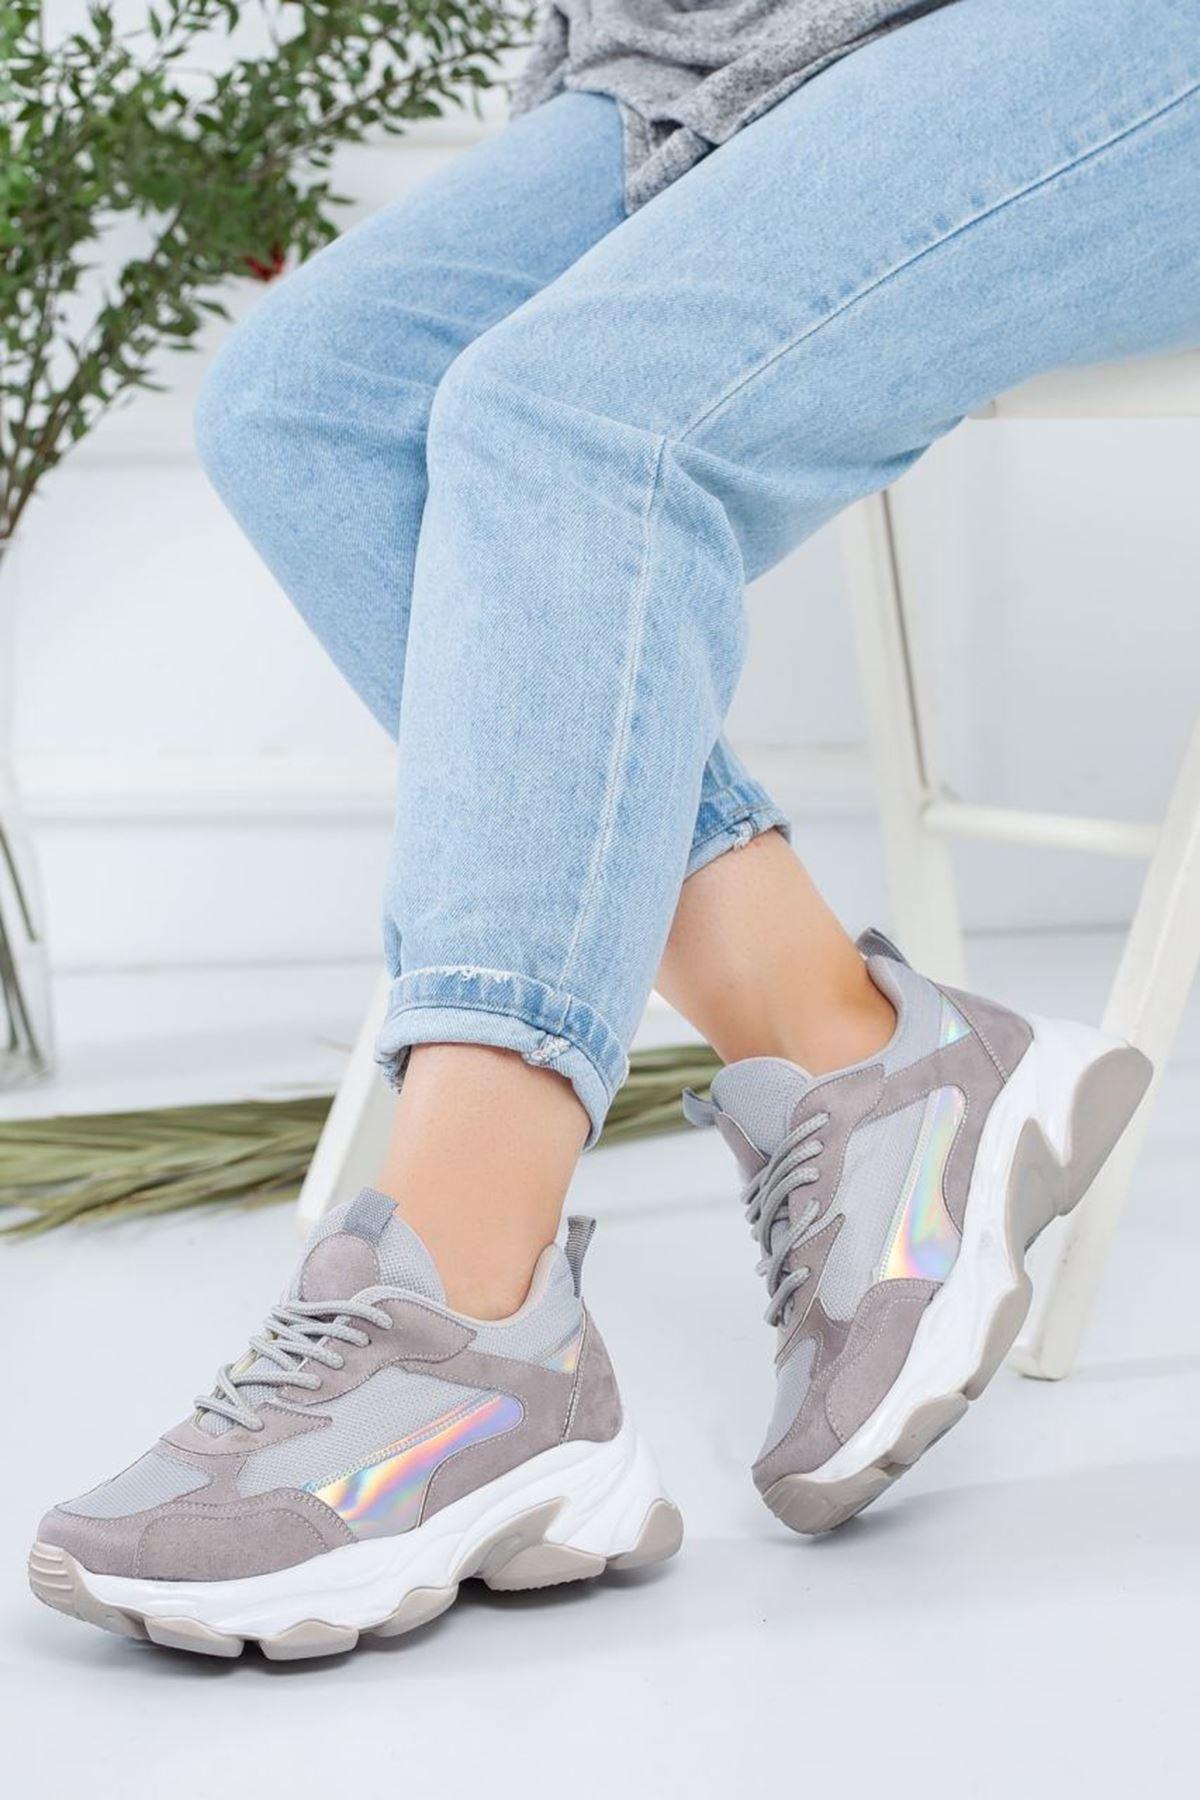 Kadın Reborn Gri Sneakers Ayakkabısı